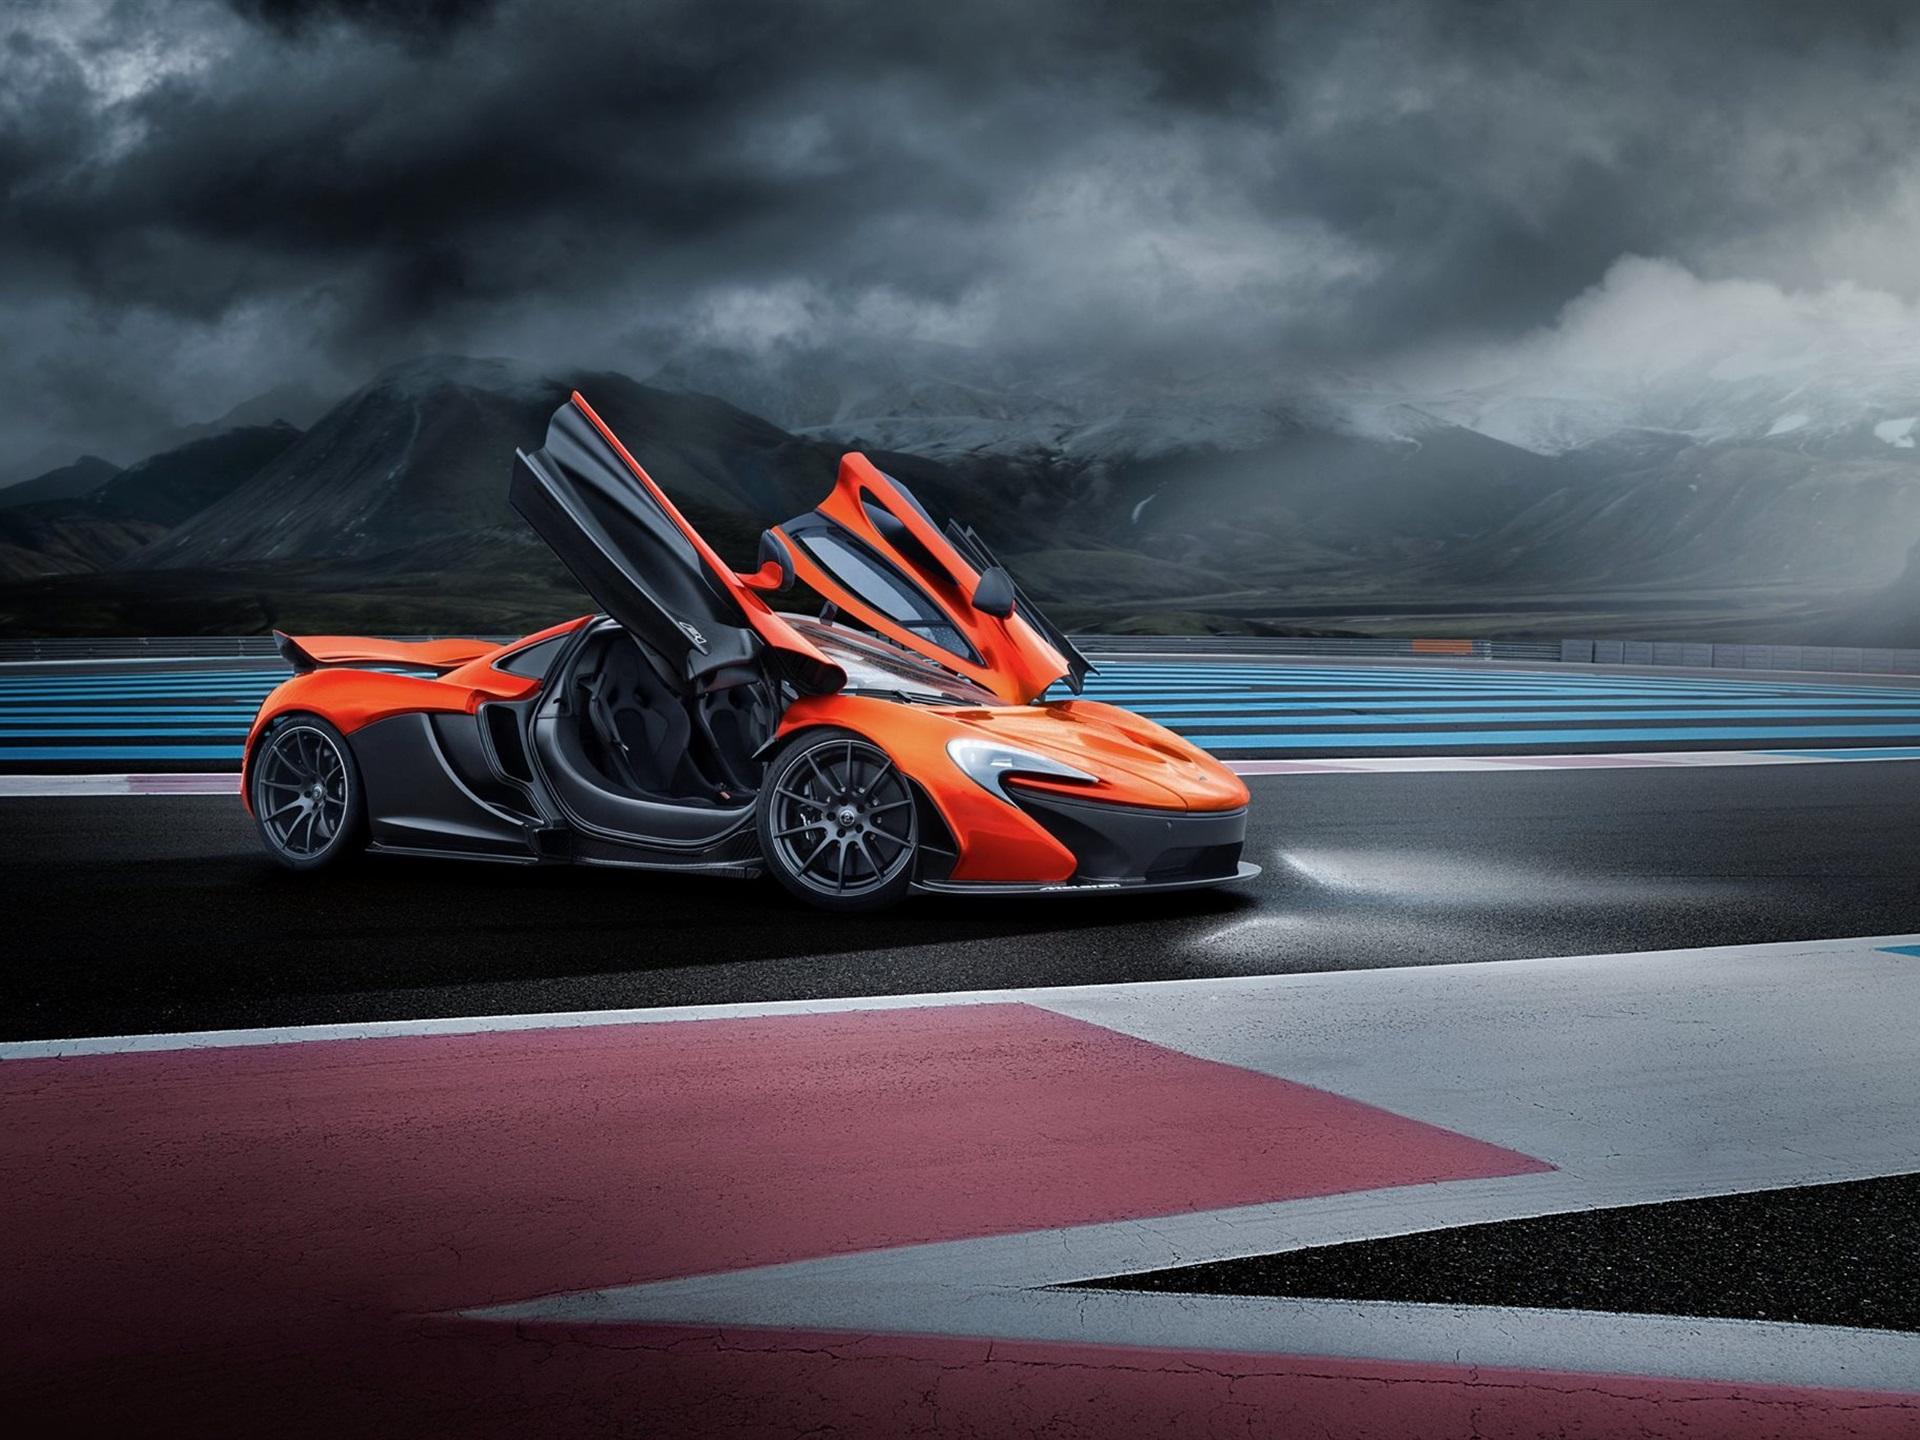 Wallpaper McLaren P1 orange supercar doors opened HD